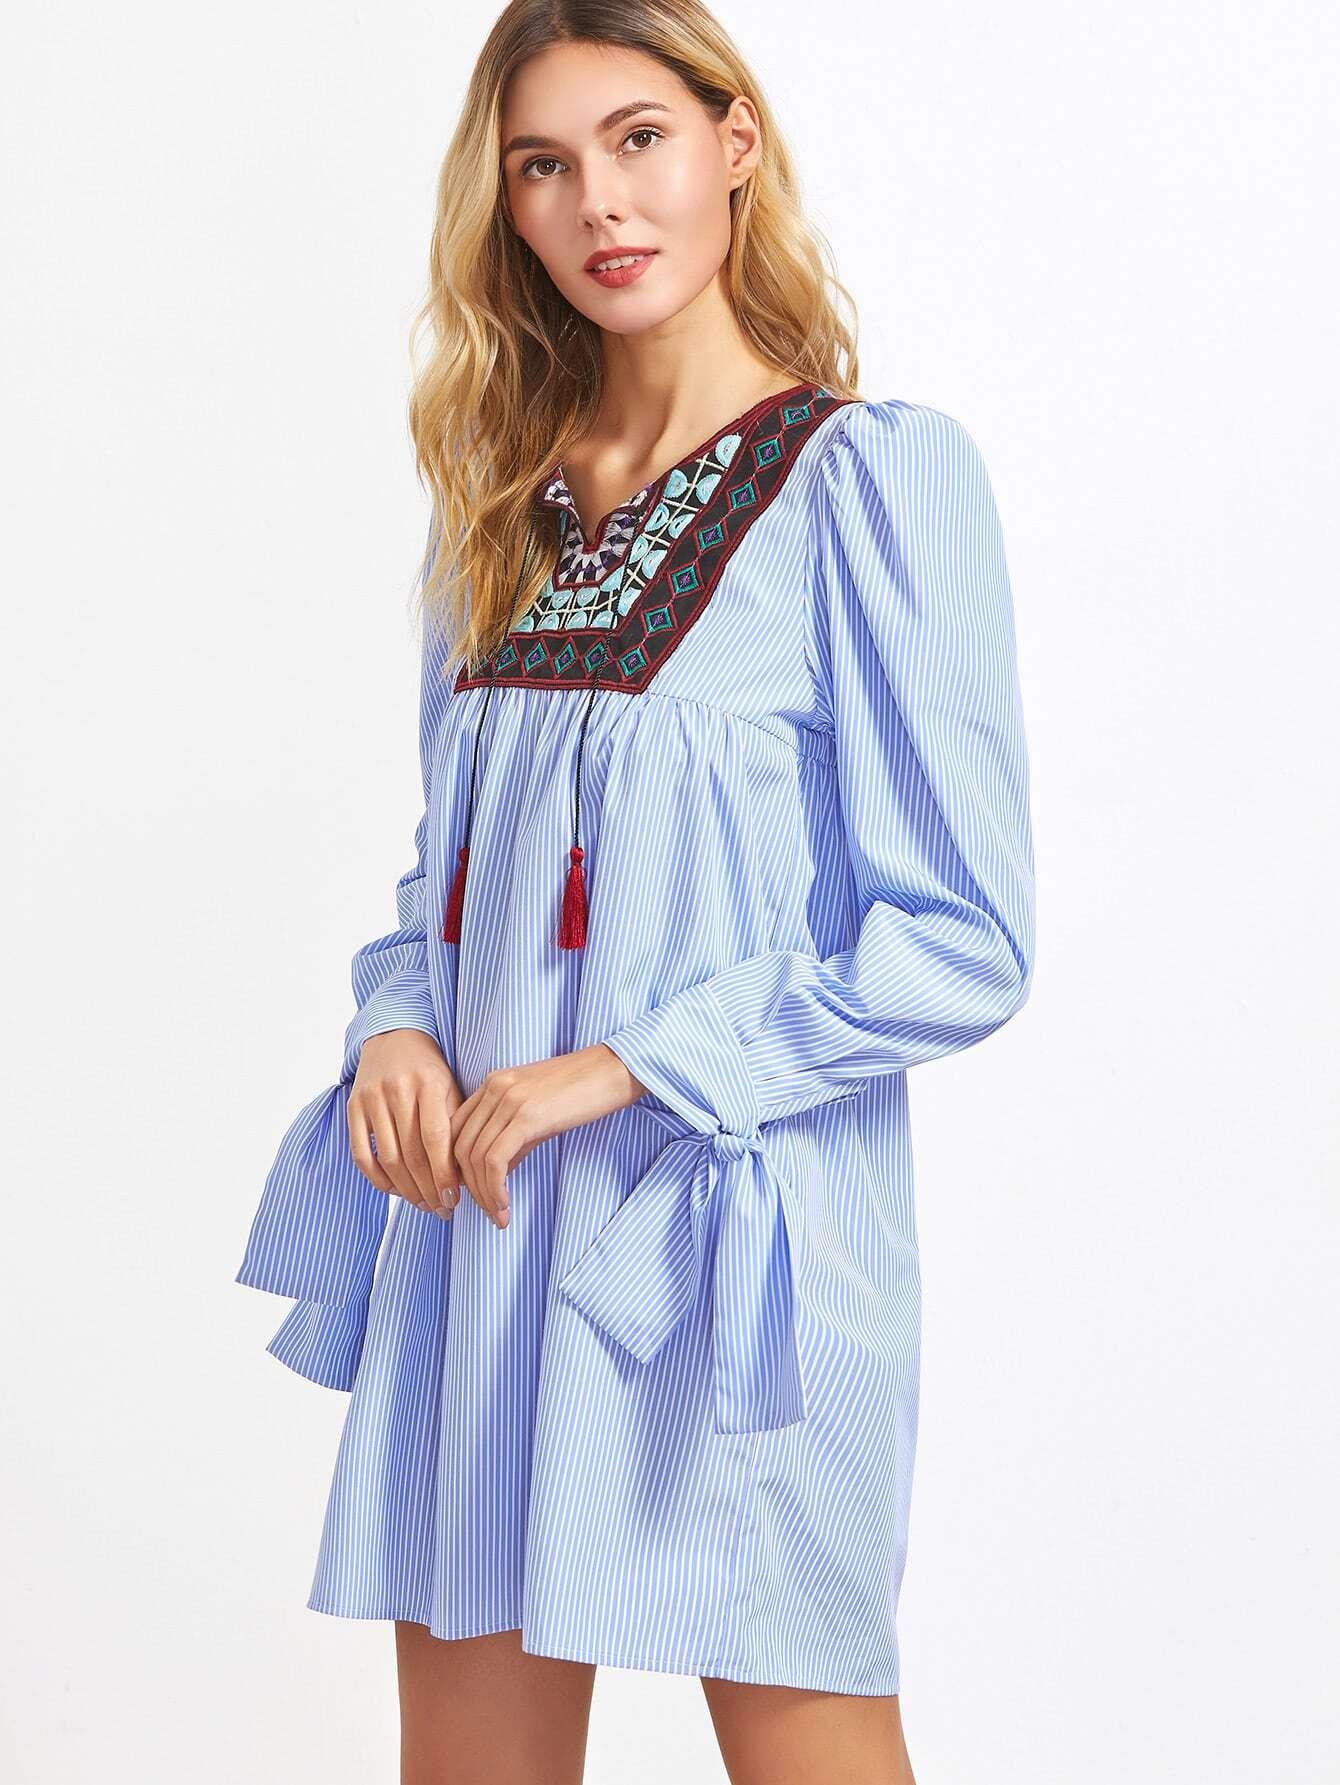 dress161124717_2